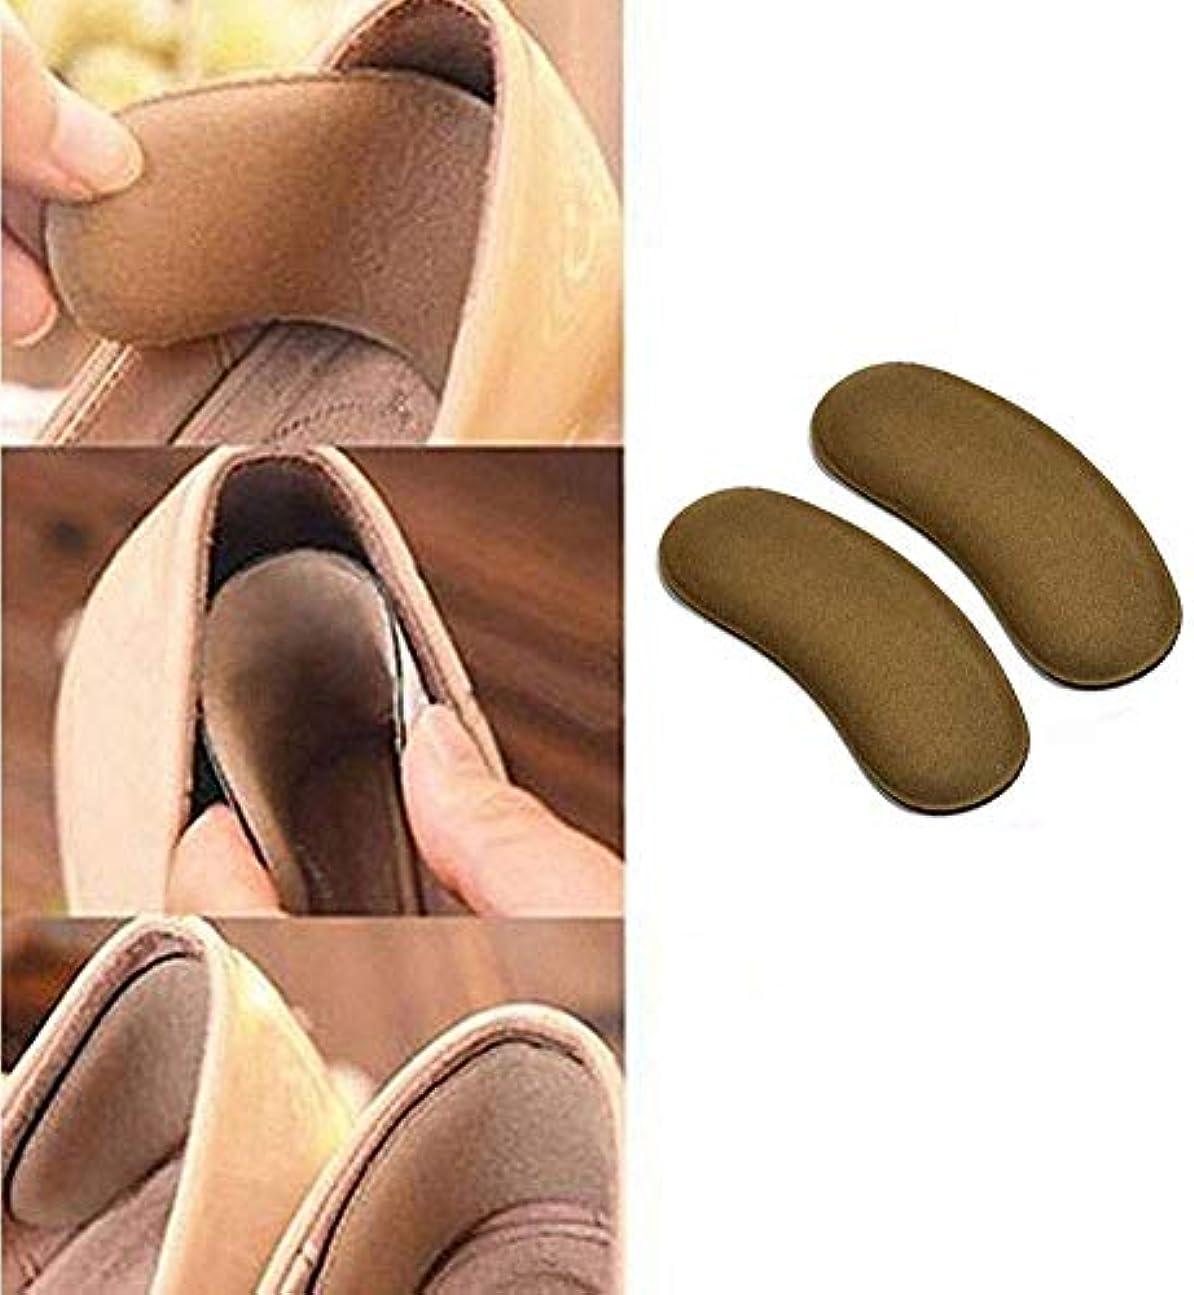 ピューシールボードヒールパッド付きパッドライニング、高いヒールパッドのライニングの靴のライニング緩い靴、改善された靴のフィット感と快適さのために、水ぶくれが大きすぎる、ユーチューブーチューブニセックス防止の5組